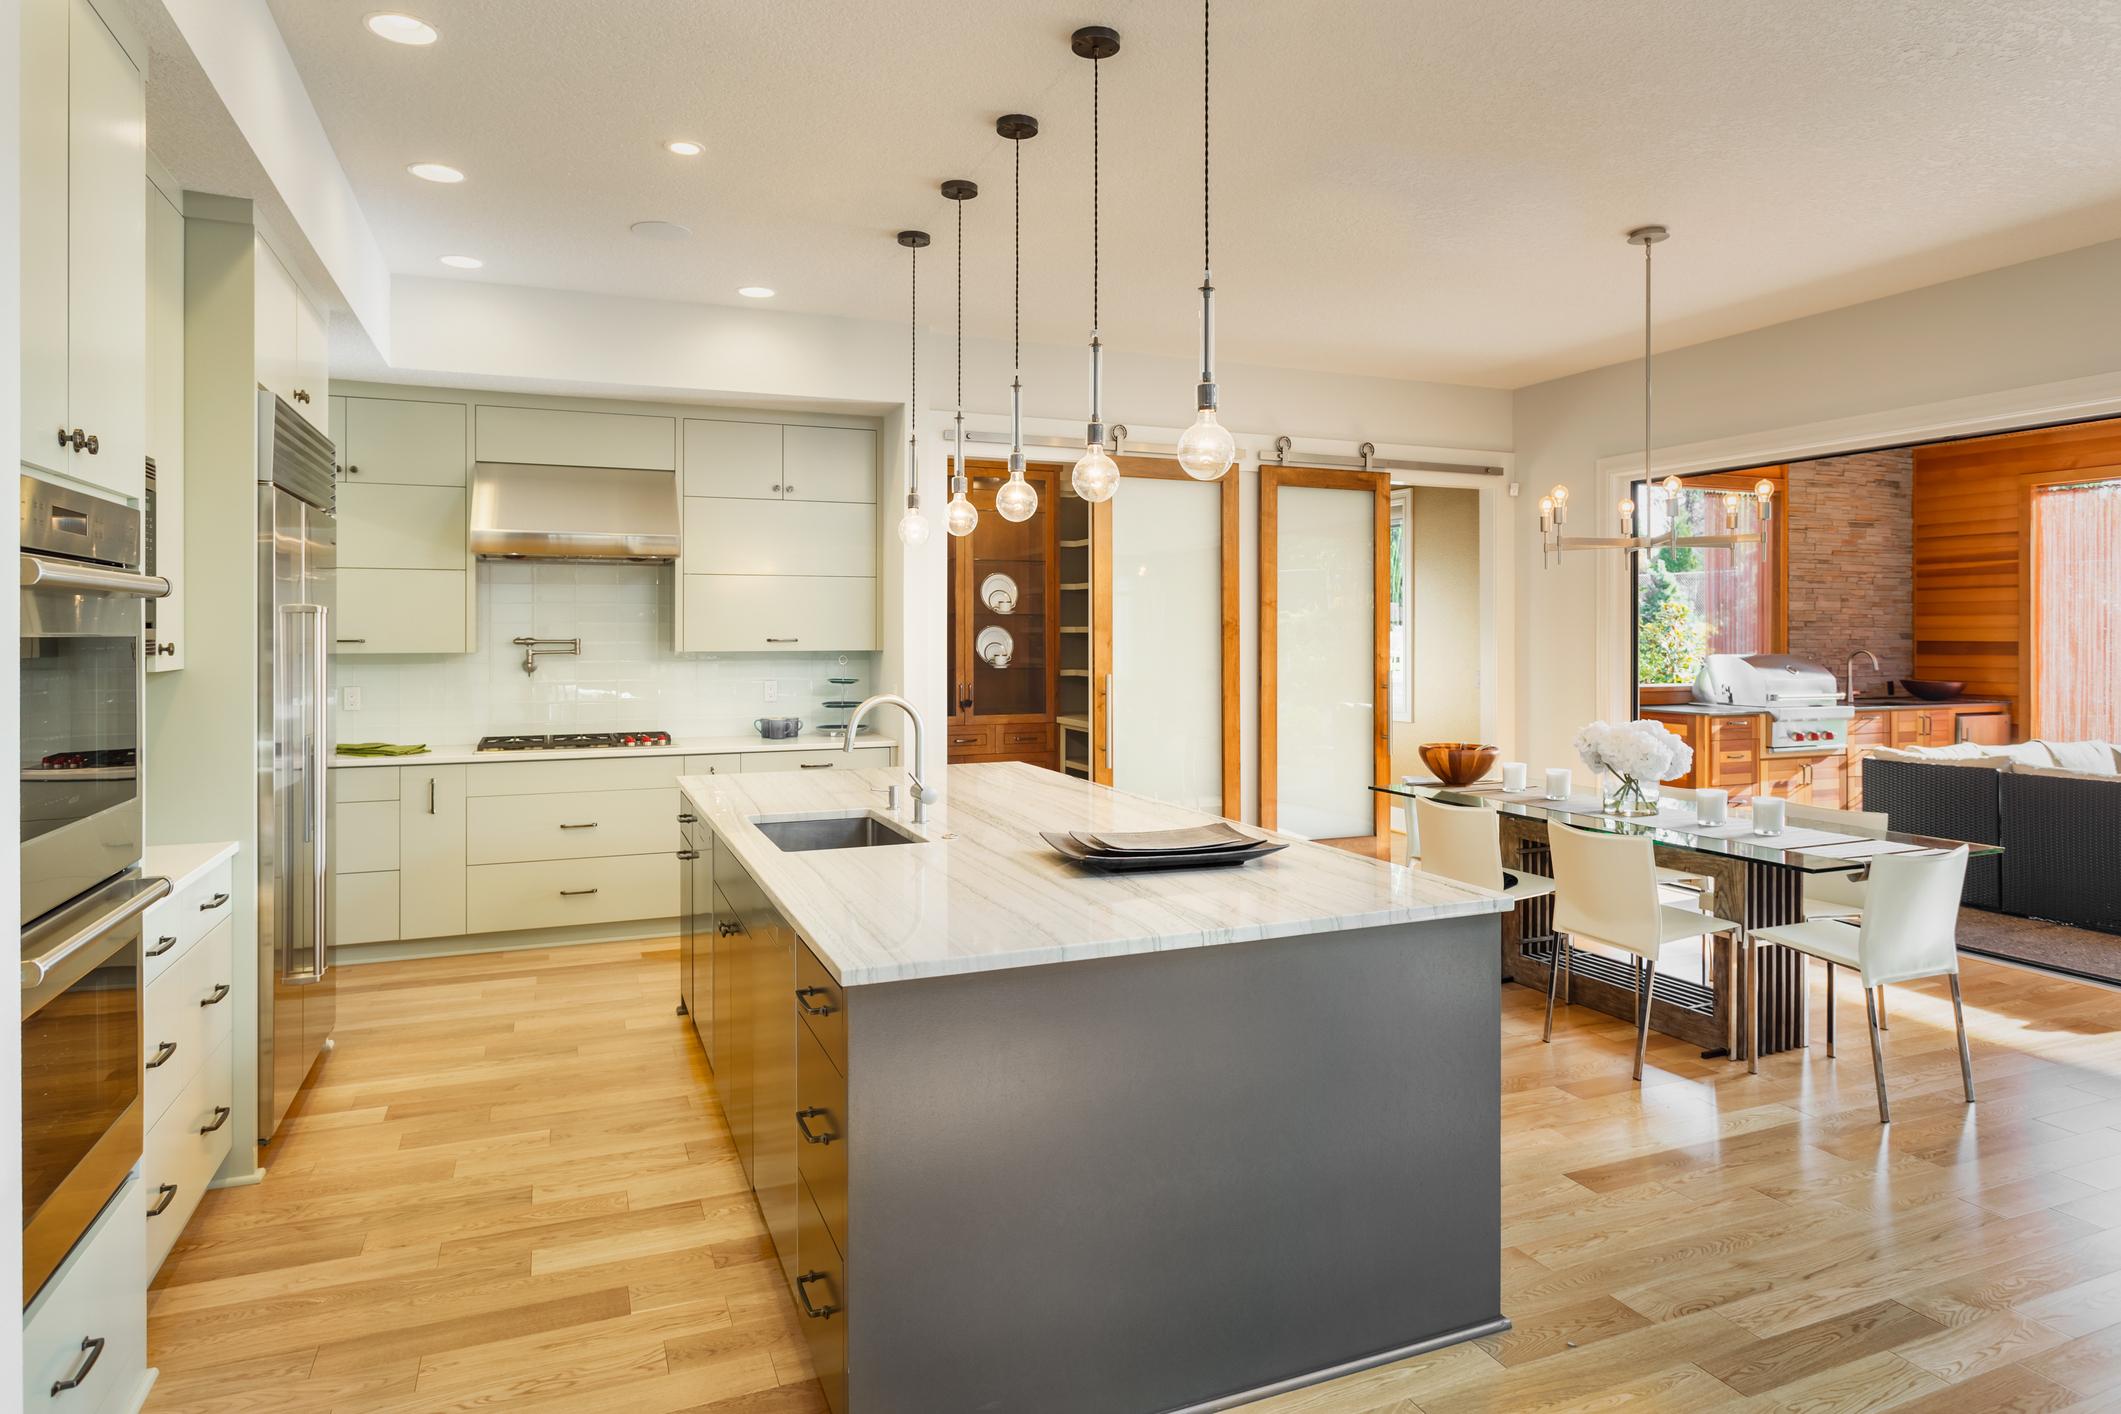 A newly designed kitchen layout.